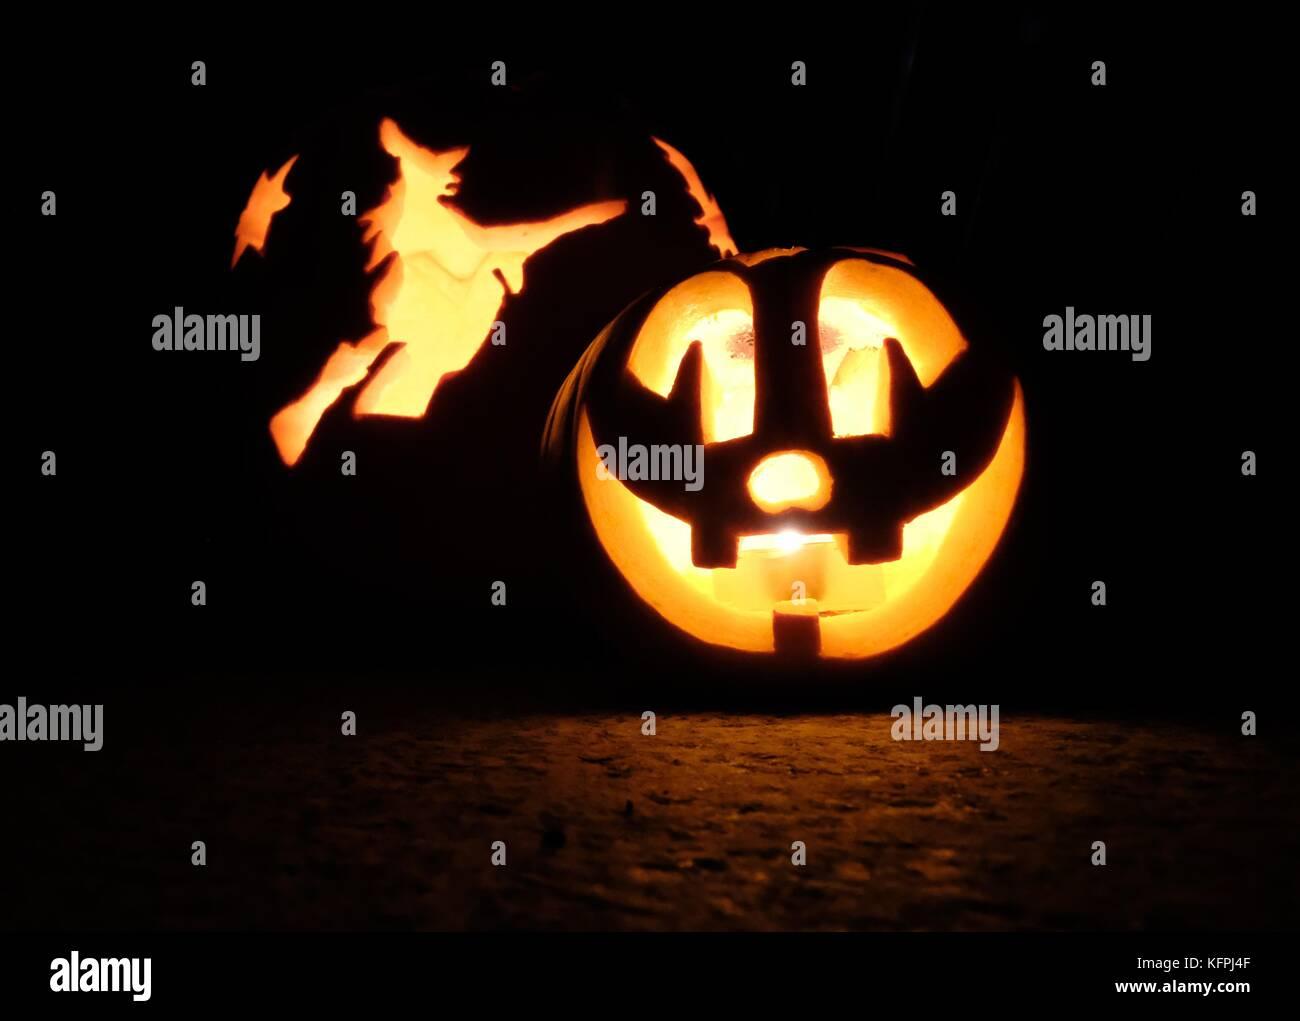 Halloween 30 Oktober.Zwei Halloween Kurbisse Mit Kerzen Im Inneren Stehen Vor